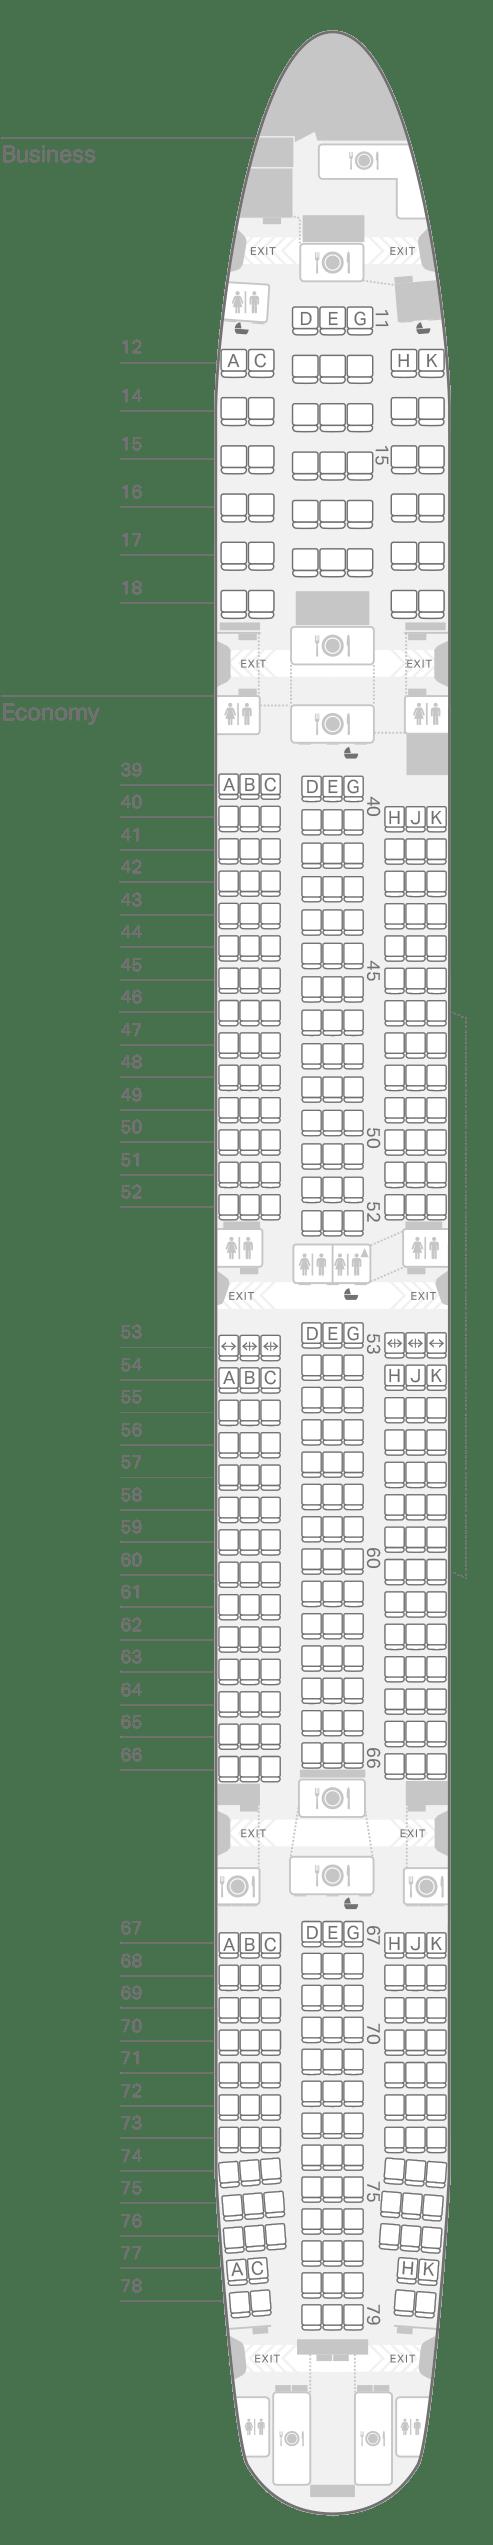 777 300 73z Seating Plan